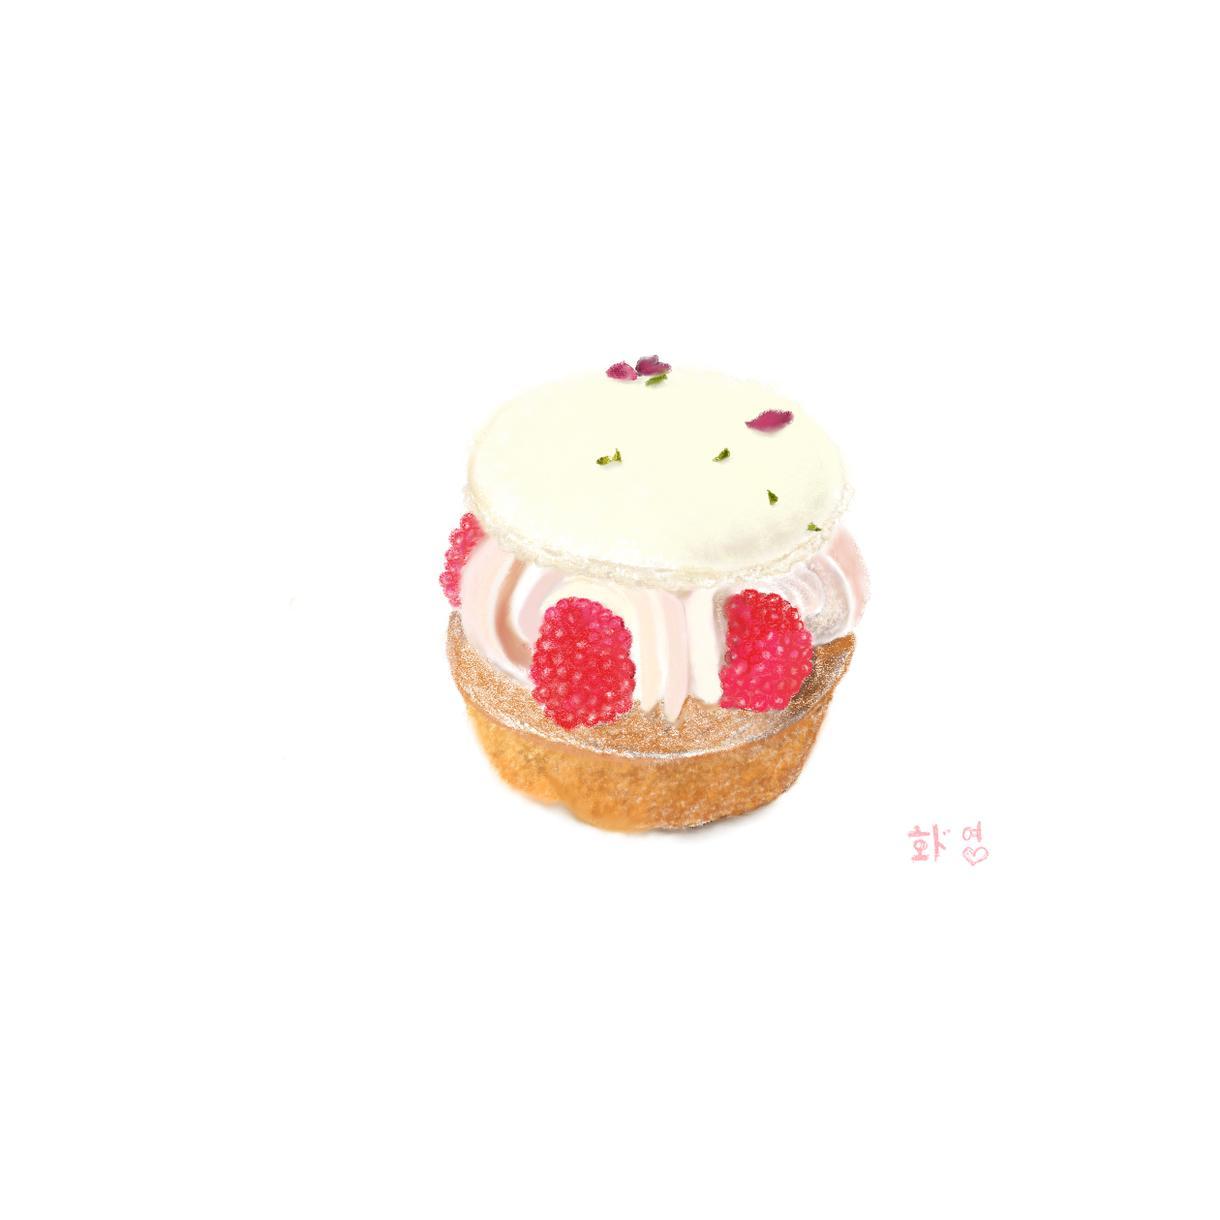 おいしそうでおしゃれなお菓子の絵描きます メニュー表やショップカードに、おいしそうなお菓子の絵 イメージ1